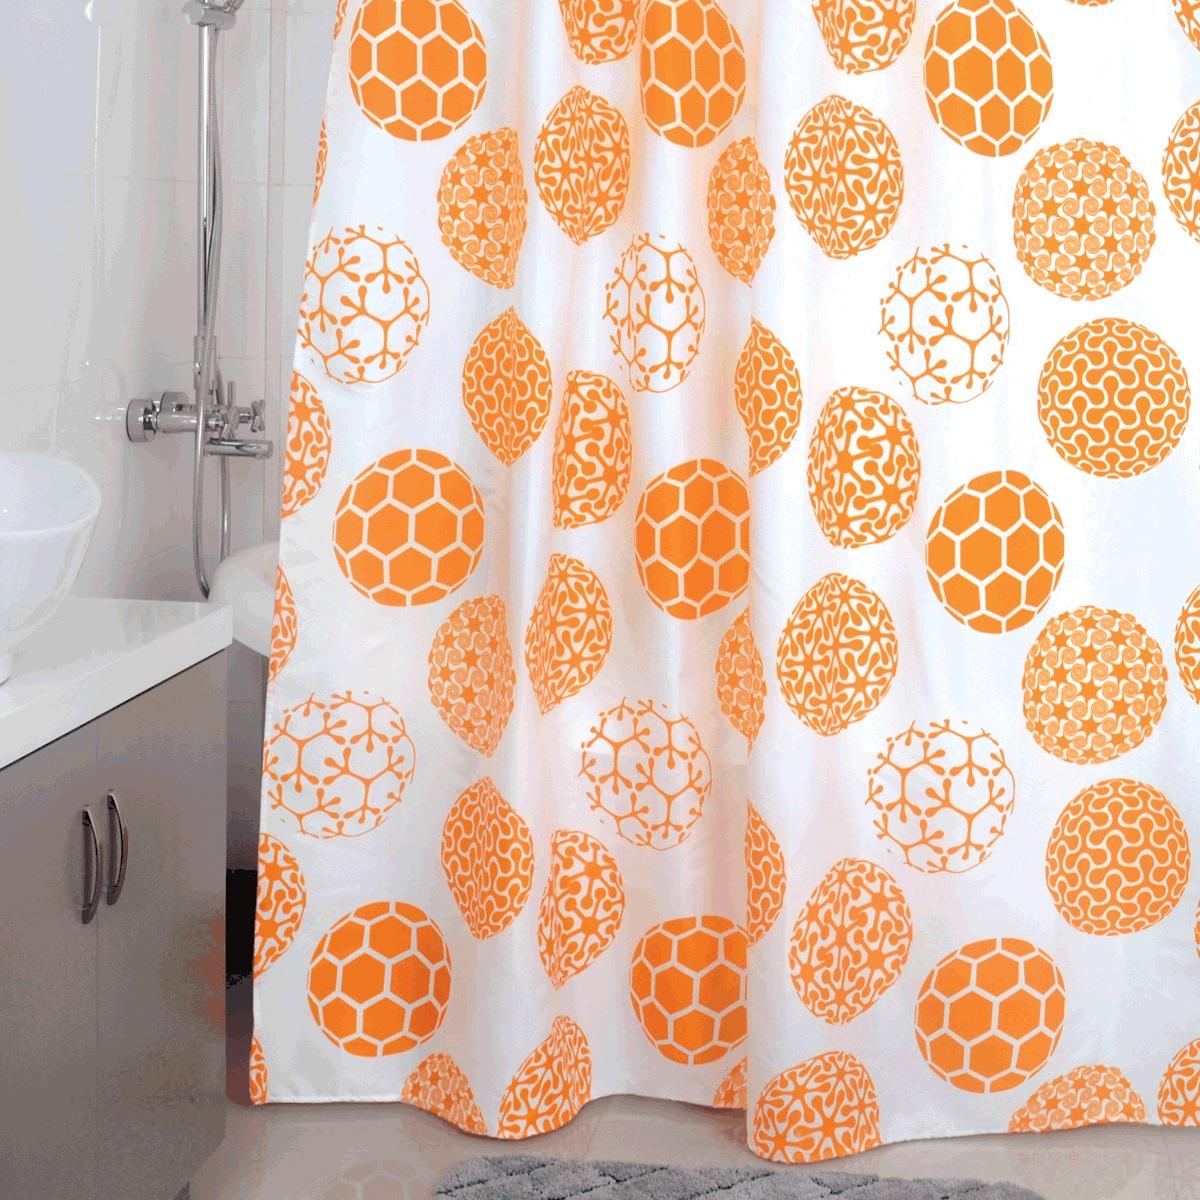 Штора для ванной Milardo Orange Dots, цвет: оранжевый, 180 x 200 см850P180M11Штора для ванной Milardo Orange Dots, изготовленная из полиэстера - водонепроницаемого, мягкого на ощупь и прочного материала, идеально защищает ванную комнату от брызг. В верхней кромке шторы предусмотрены пластиковые отверстия для колец, которые входят в комплект.Штора Milardo Orange Dots порадует вас своим ярким дизайном и добавит уюта в ванную комнату. Плотность: 90 г/м.Количество колец: 12 шт.